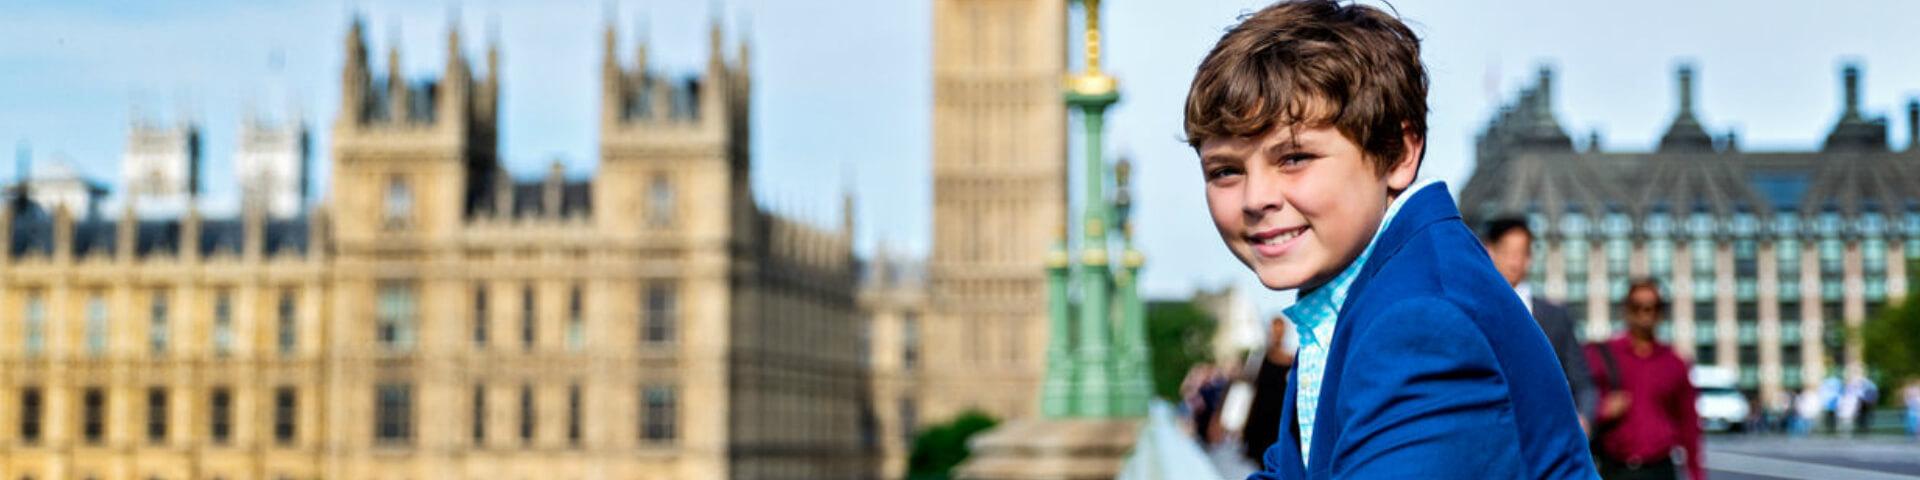 80% британских детей сталкиваются с рекламой азартных игр